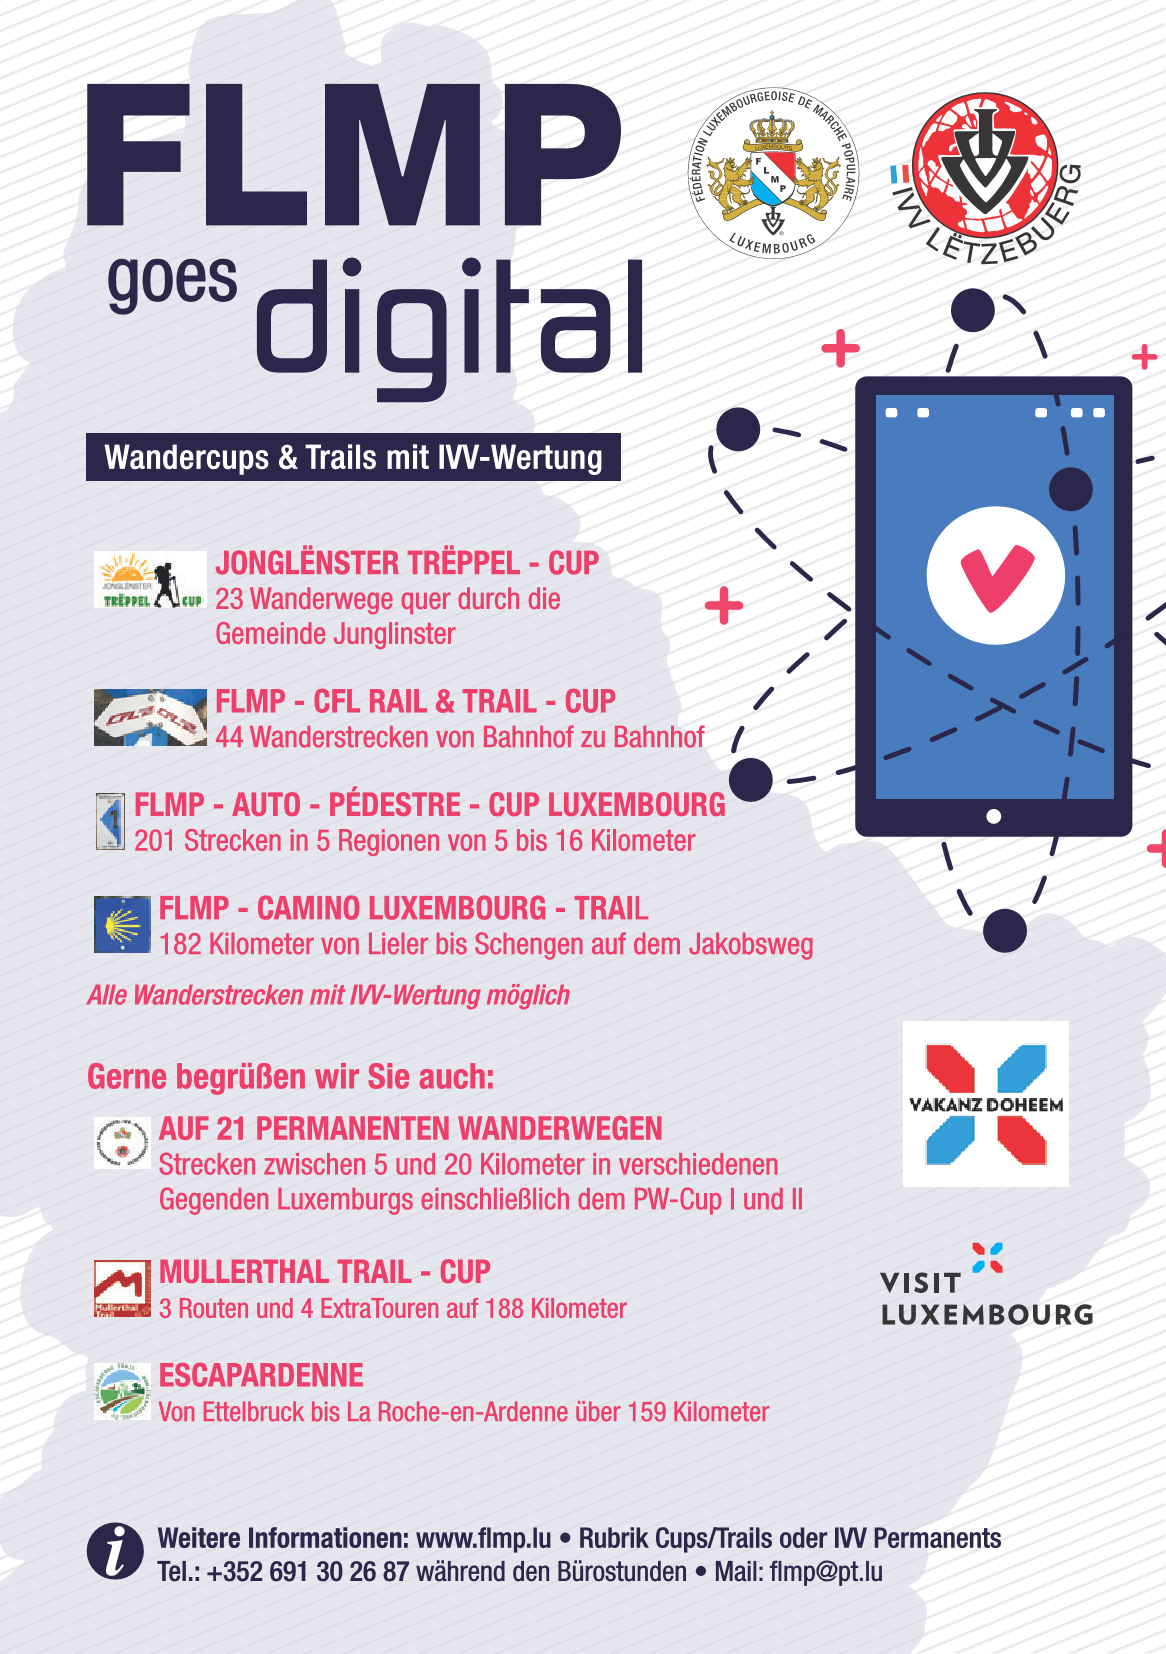 FLMP goes digital